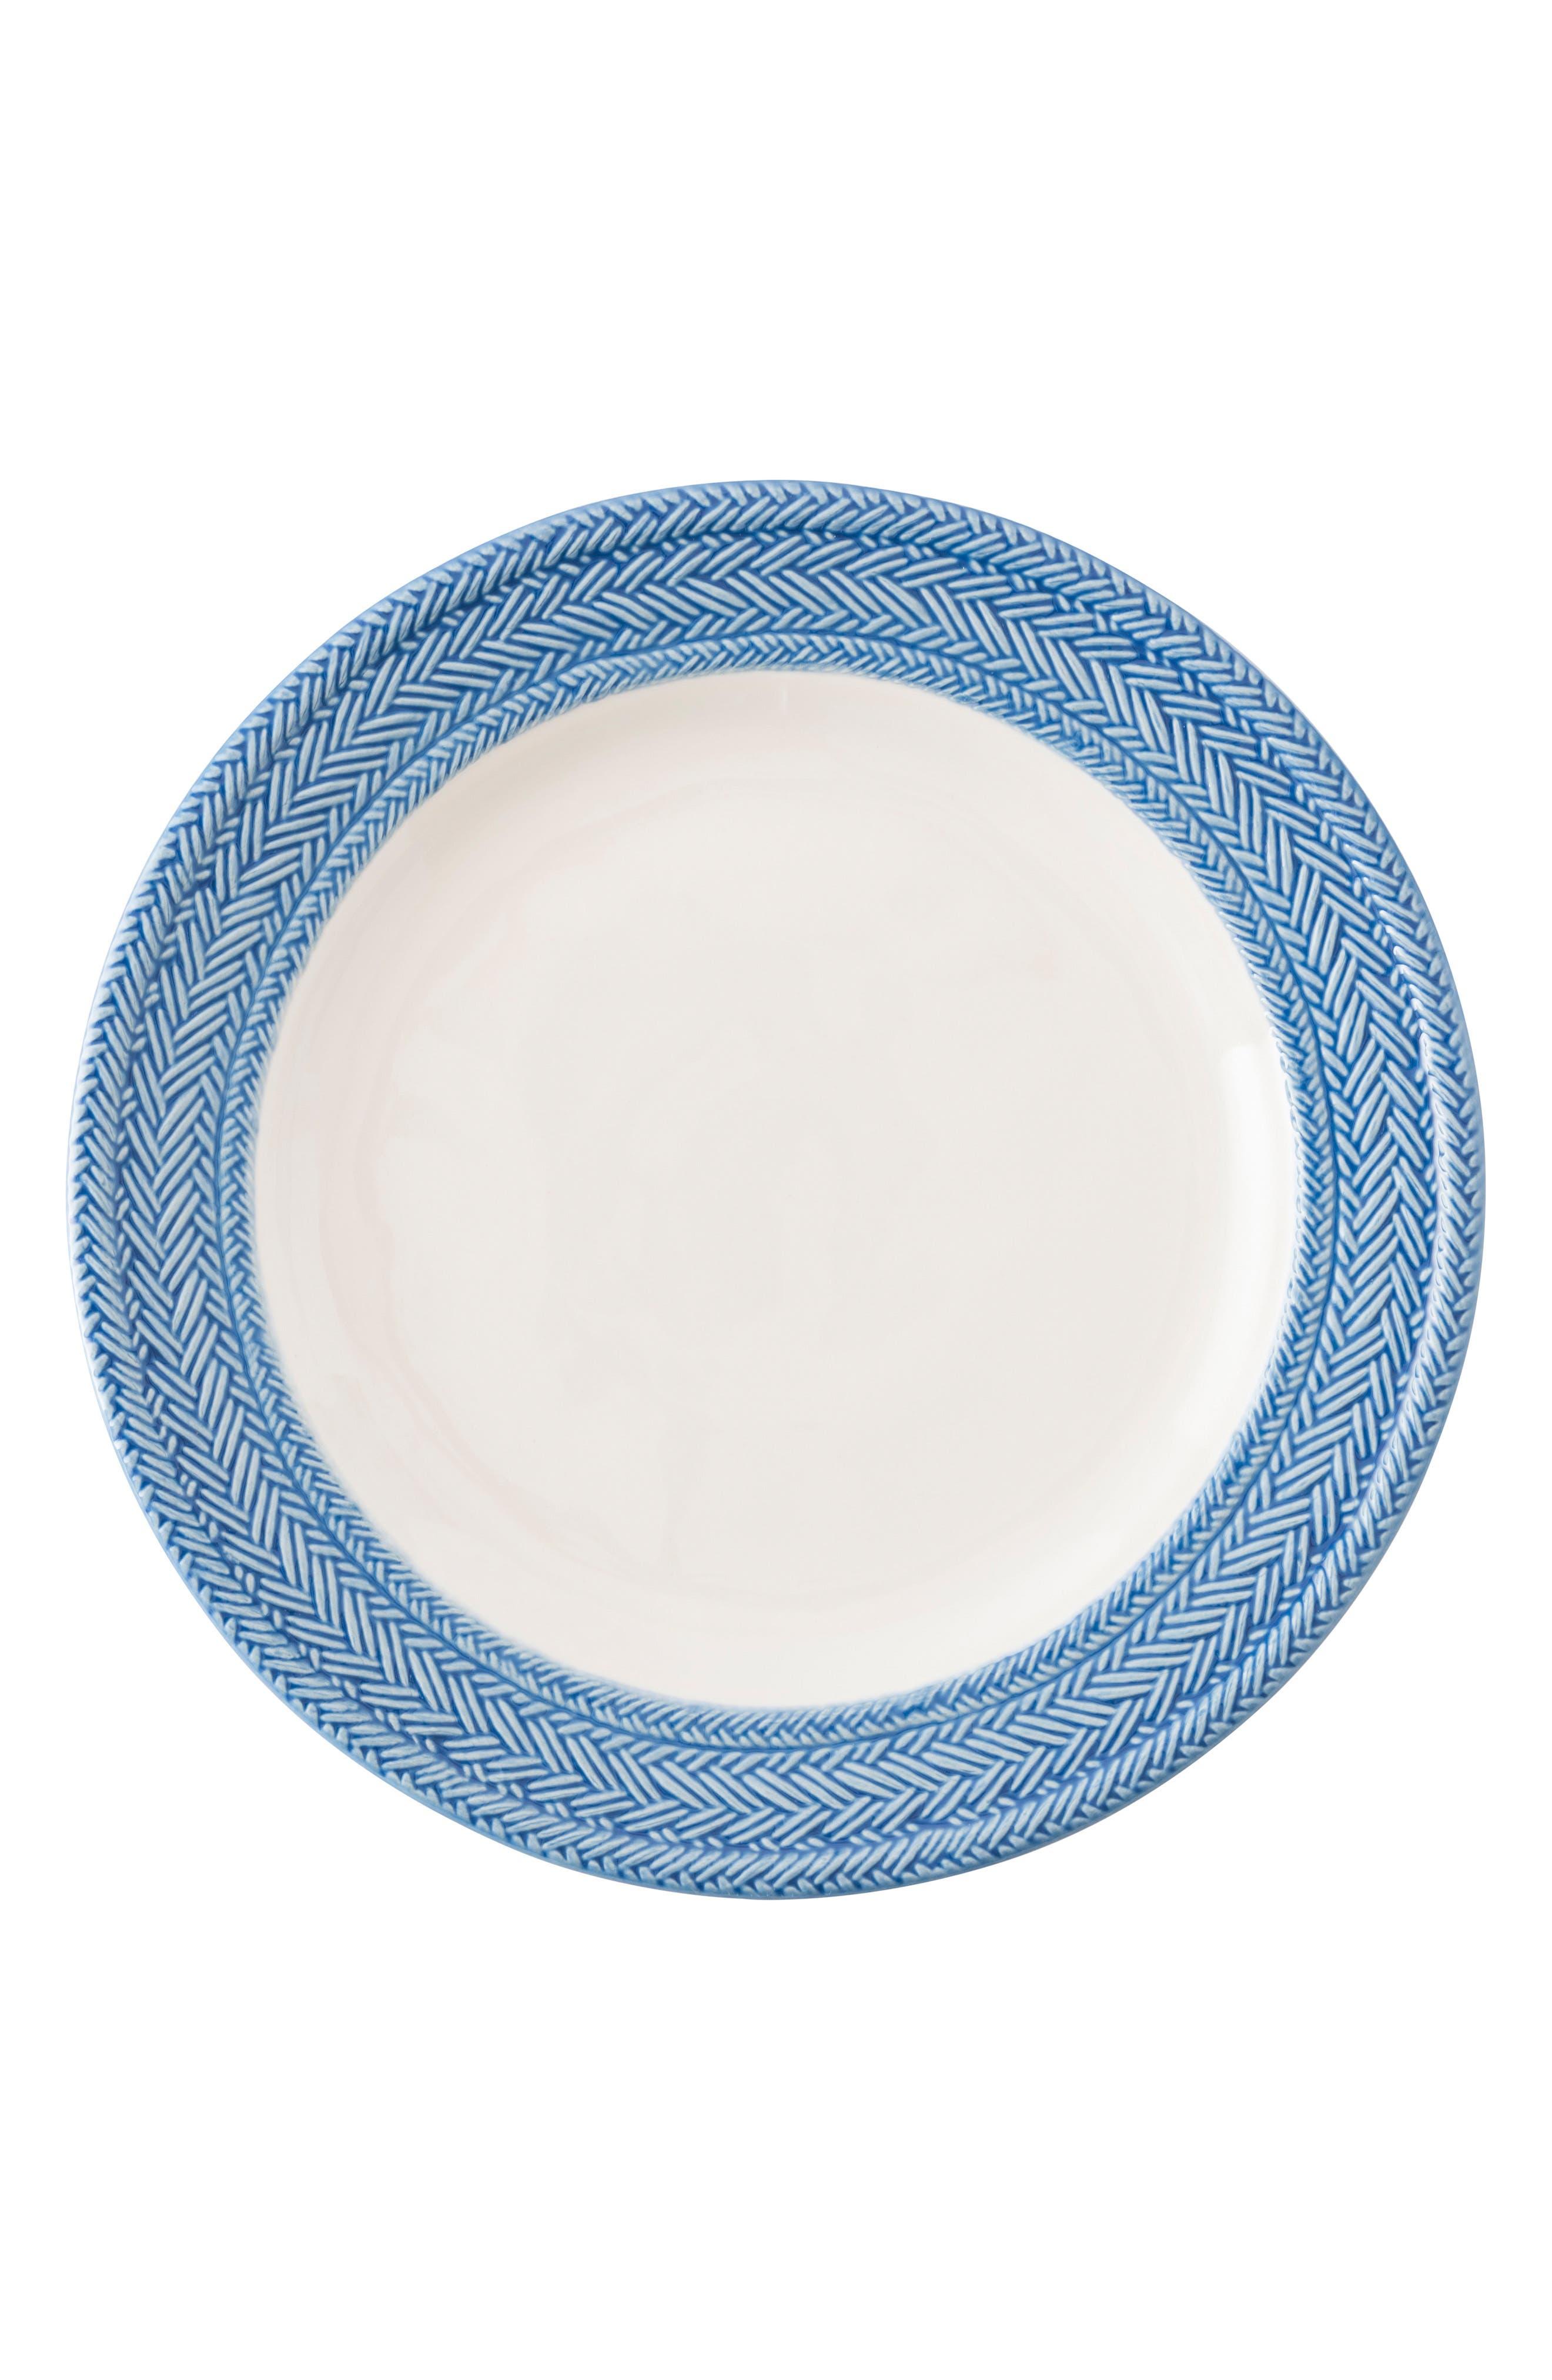 Le Panier Dinner Plate,                             Main thumbnail 1, color,                             WHITEWASH/ DELFT BLUE